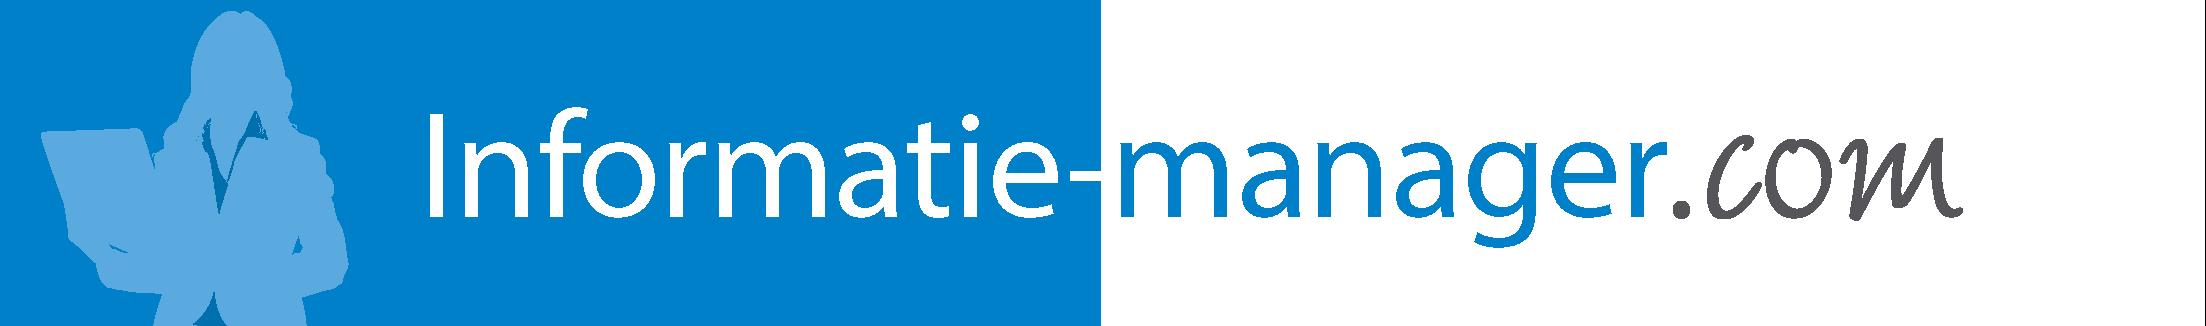 Informatie-manager.com logo